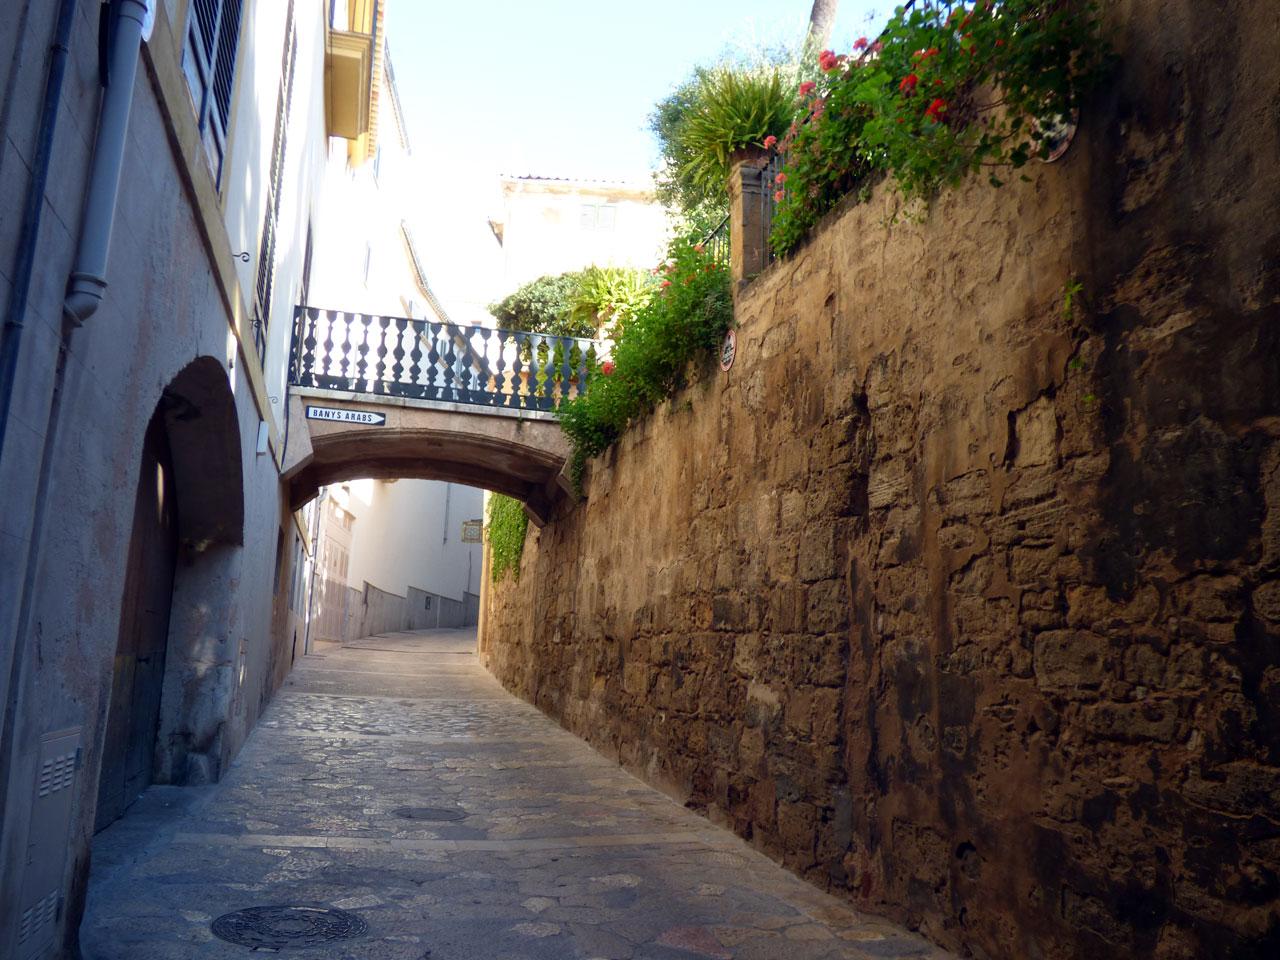 Carrer de Can Serra, Palma de Mallorca